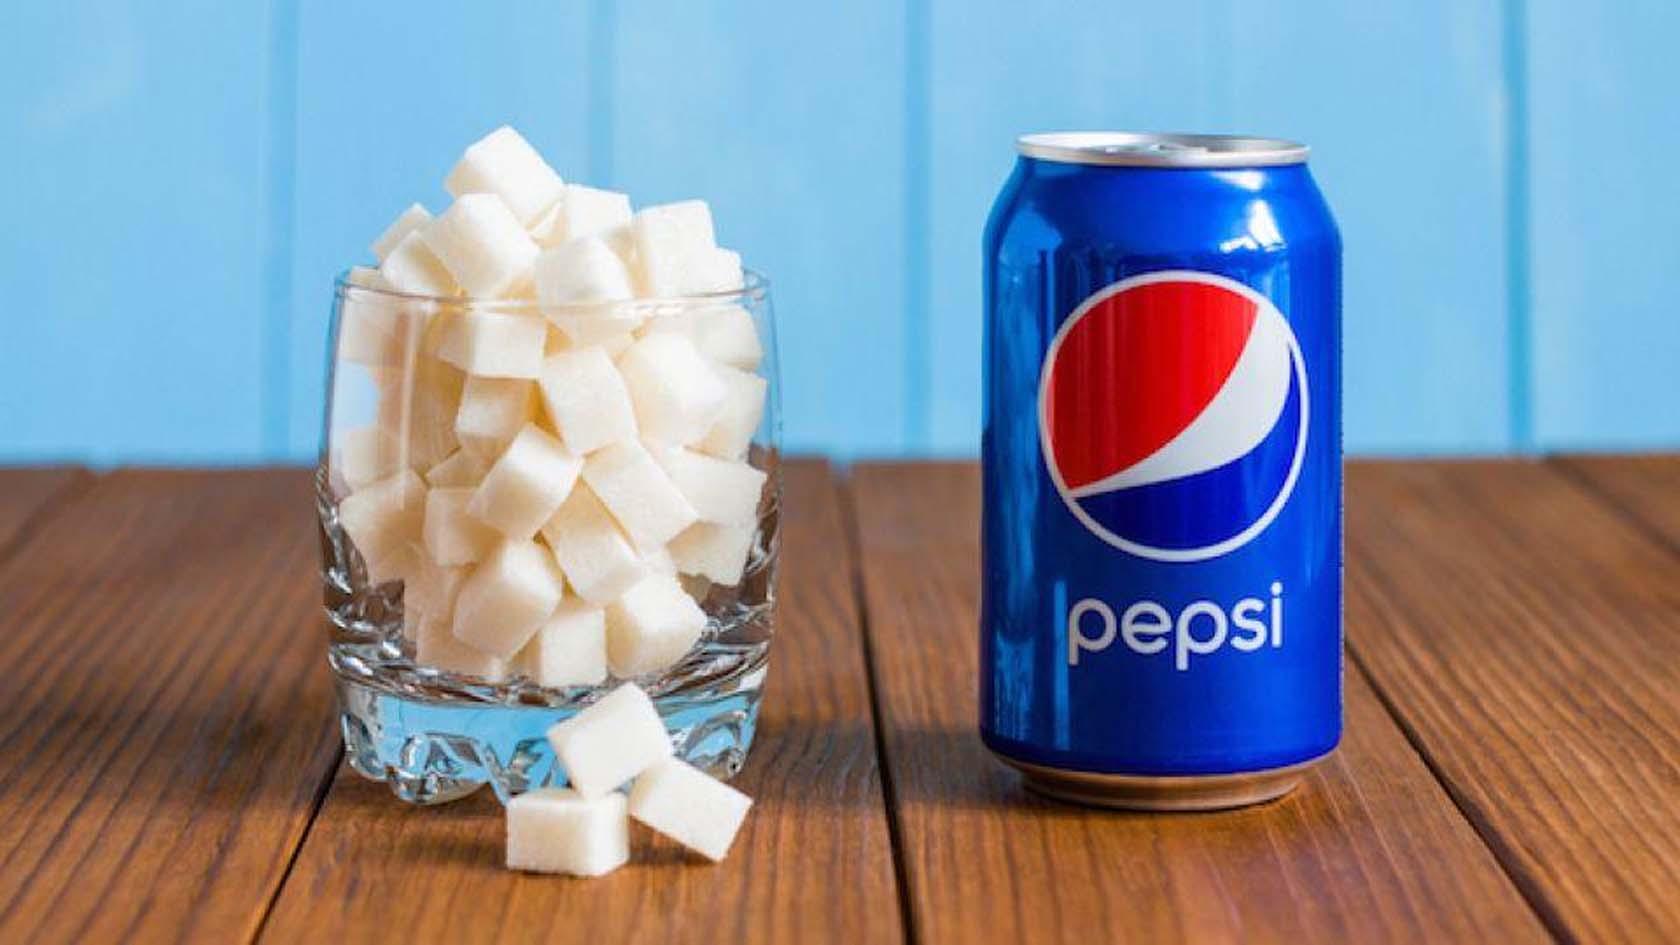 Reducing Added Sugar